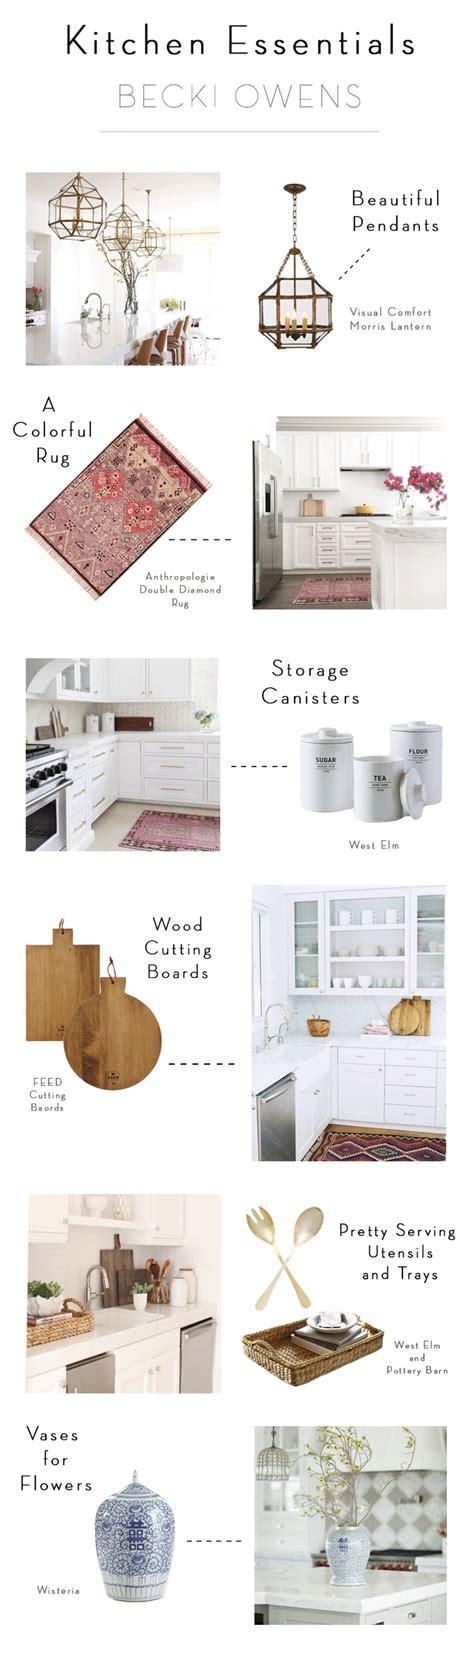 kitchen design essentials kitchen styling becki owens